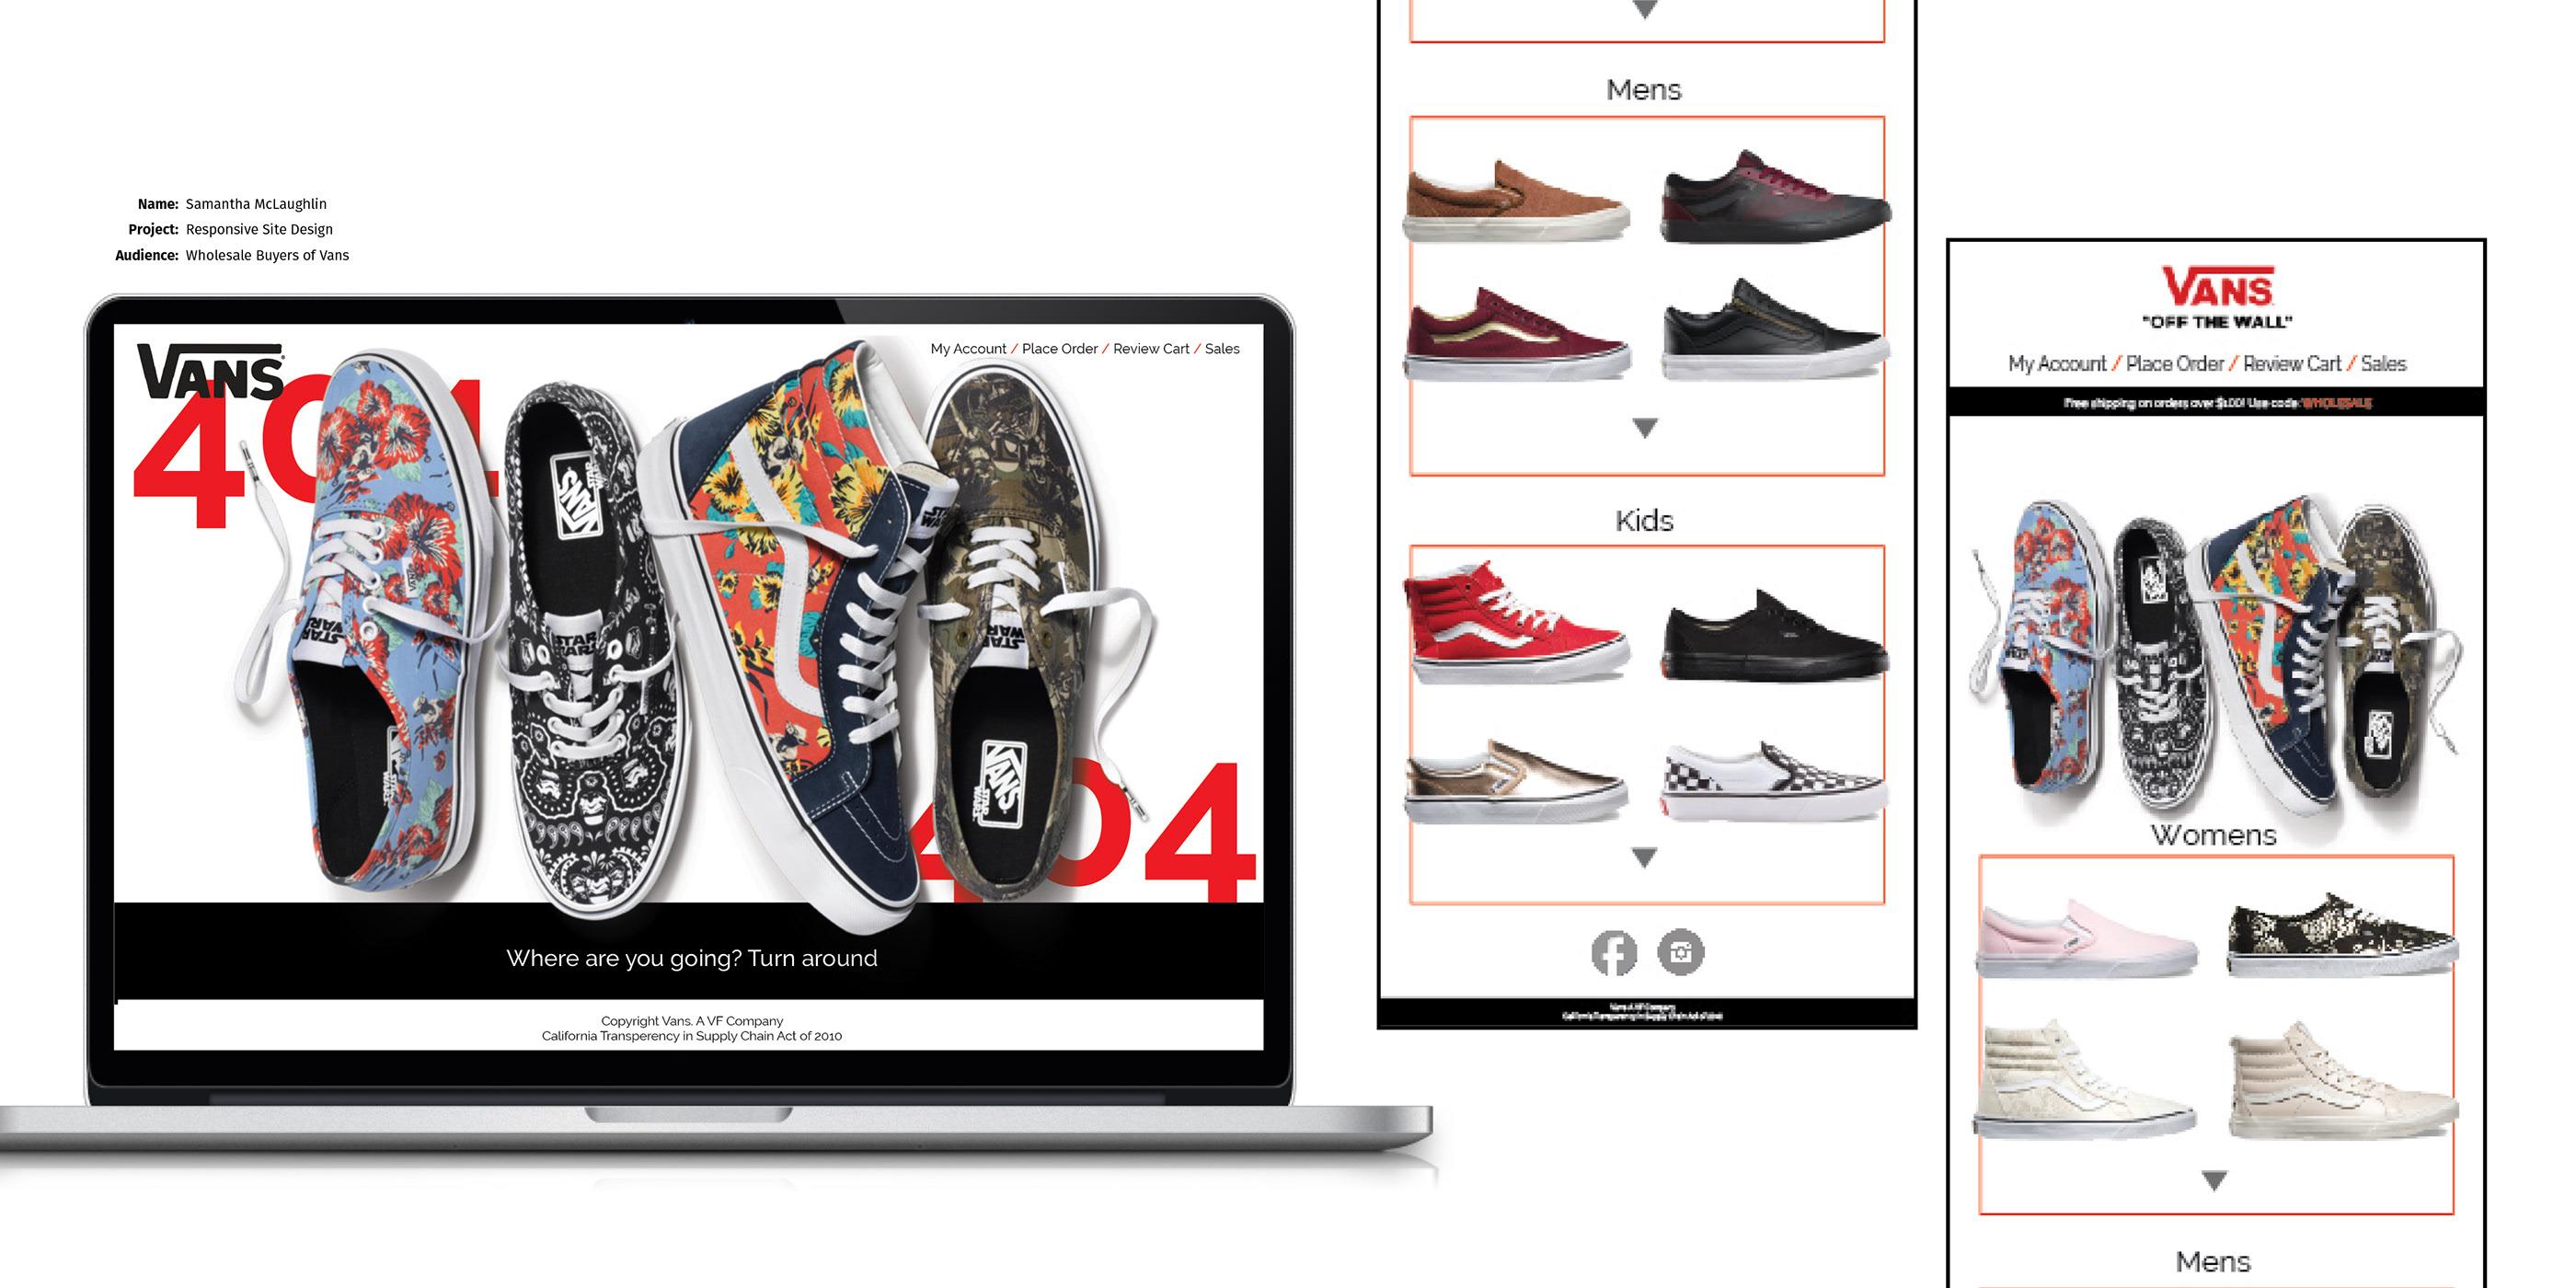 aquí carrera Hundimiento  Vans Responsive Website Design on Behance